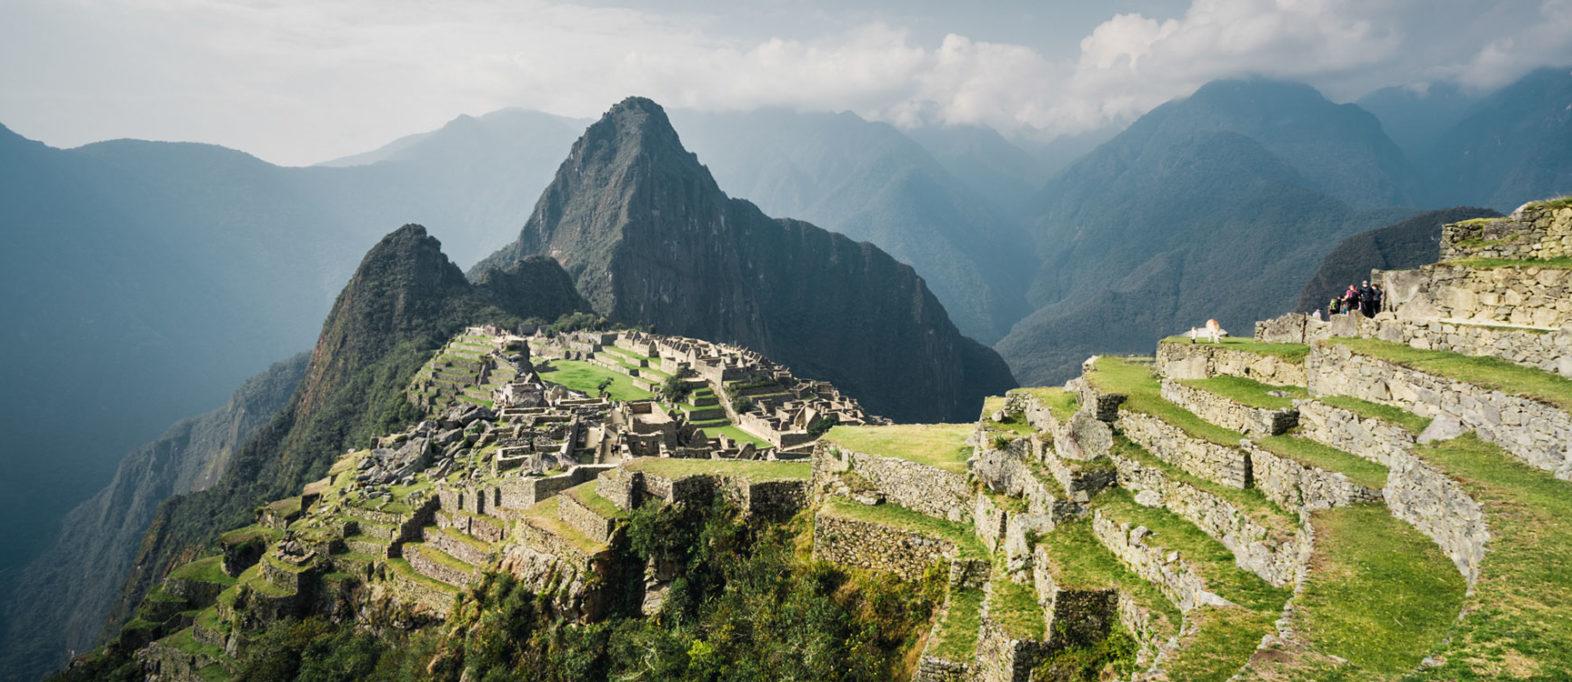 Machu Picchu Peru besuchen